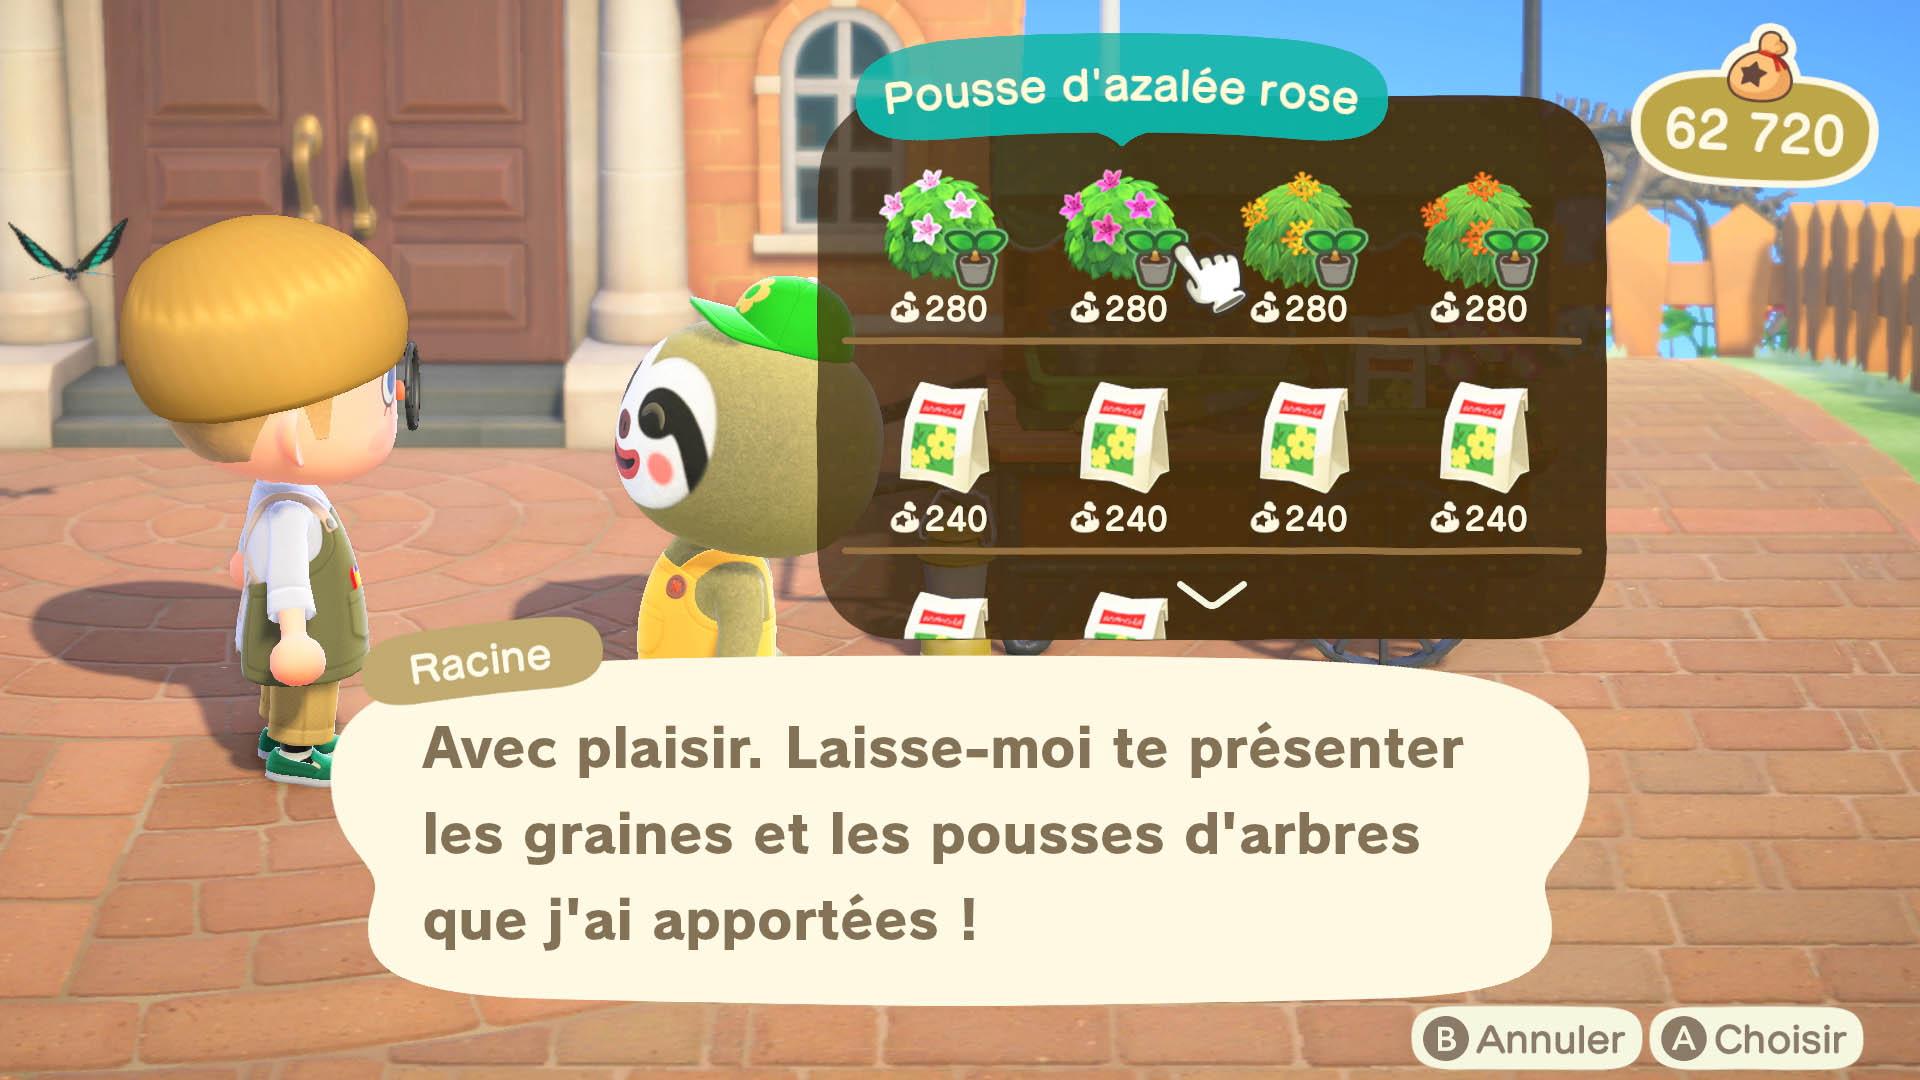 Mise A Jour Gratuite Avec Des Tonnes De Nouveautes Dans Animal Crossing New Horizons Sur Nintendo Switch Nintend Alerts